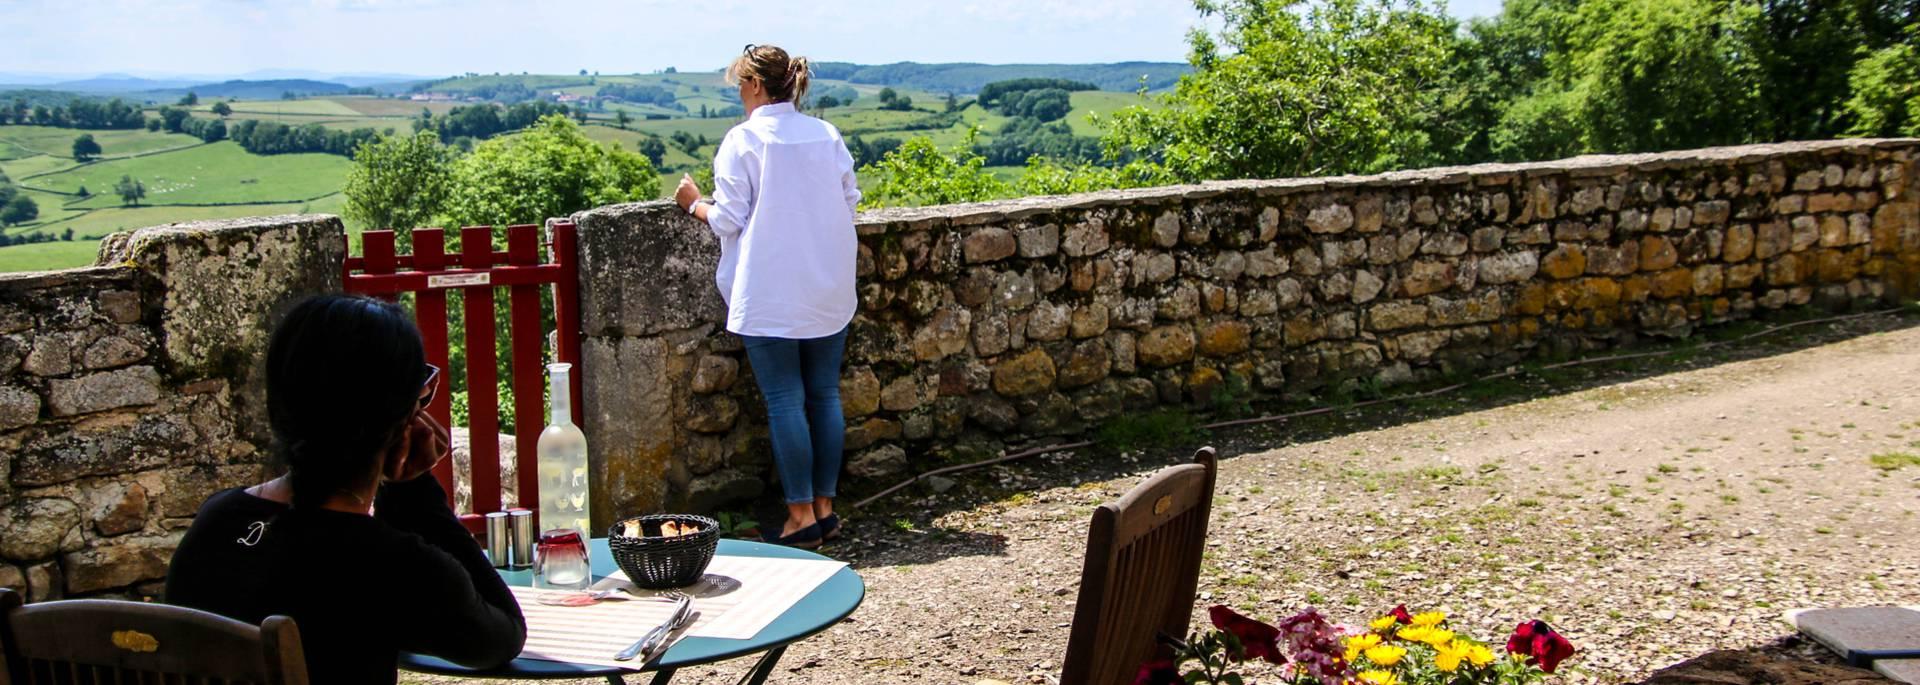 Profiter du paysage depuis une terrasse, Gourdon. © Lesley Williamson.